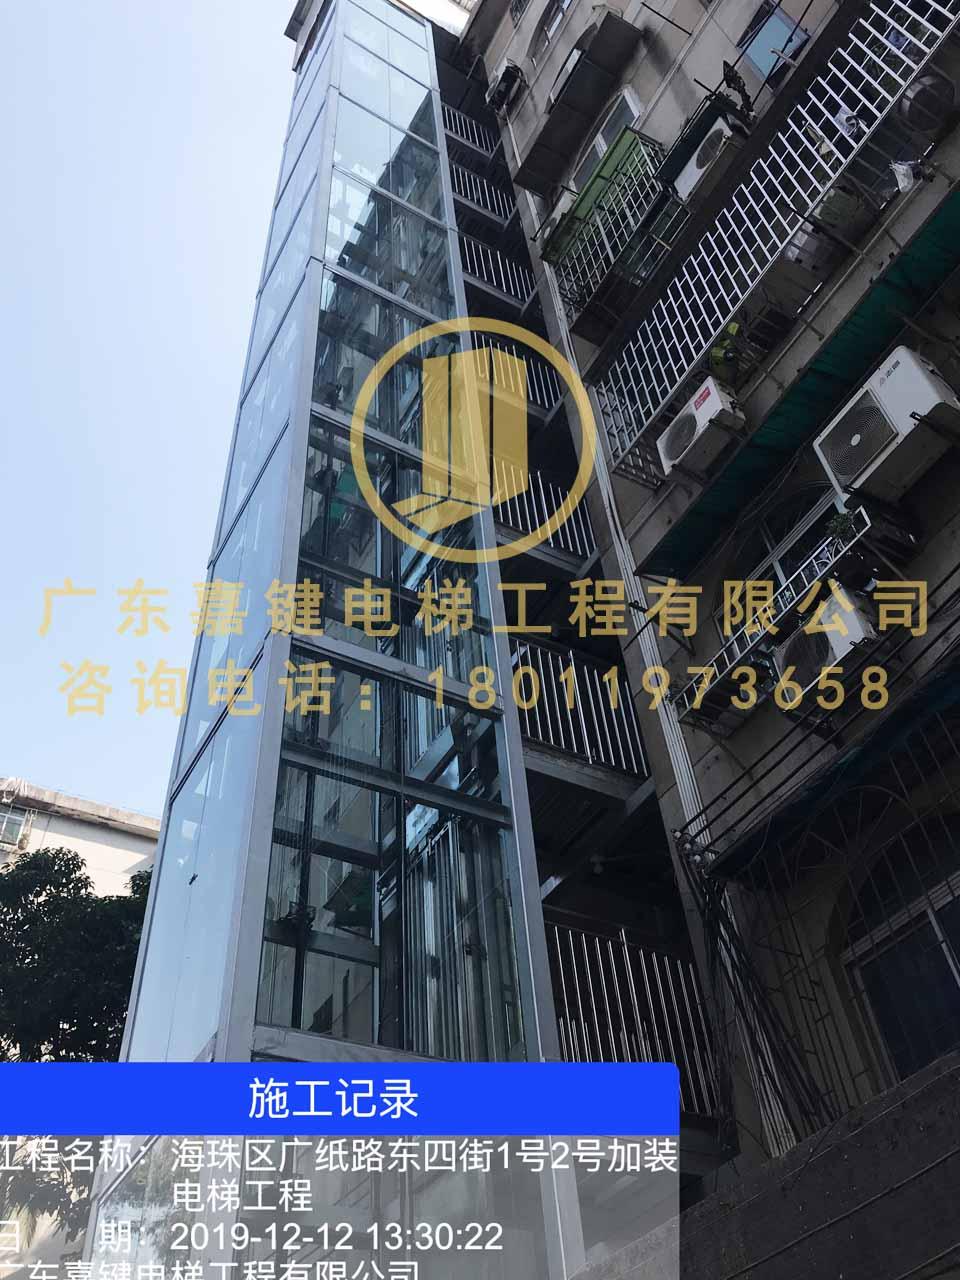 旧楼加装电梯与安全使用规范